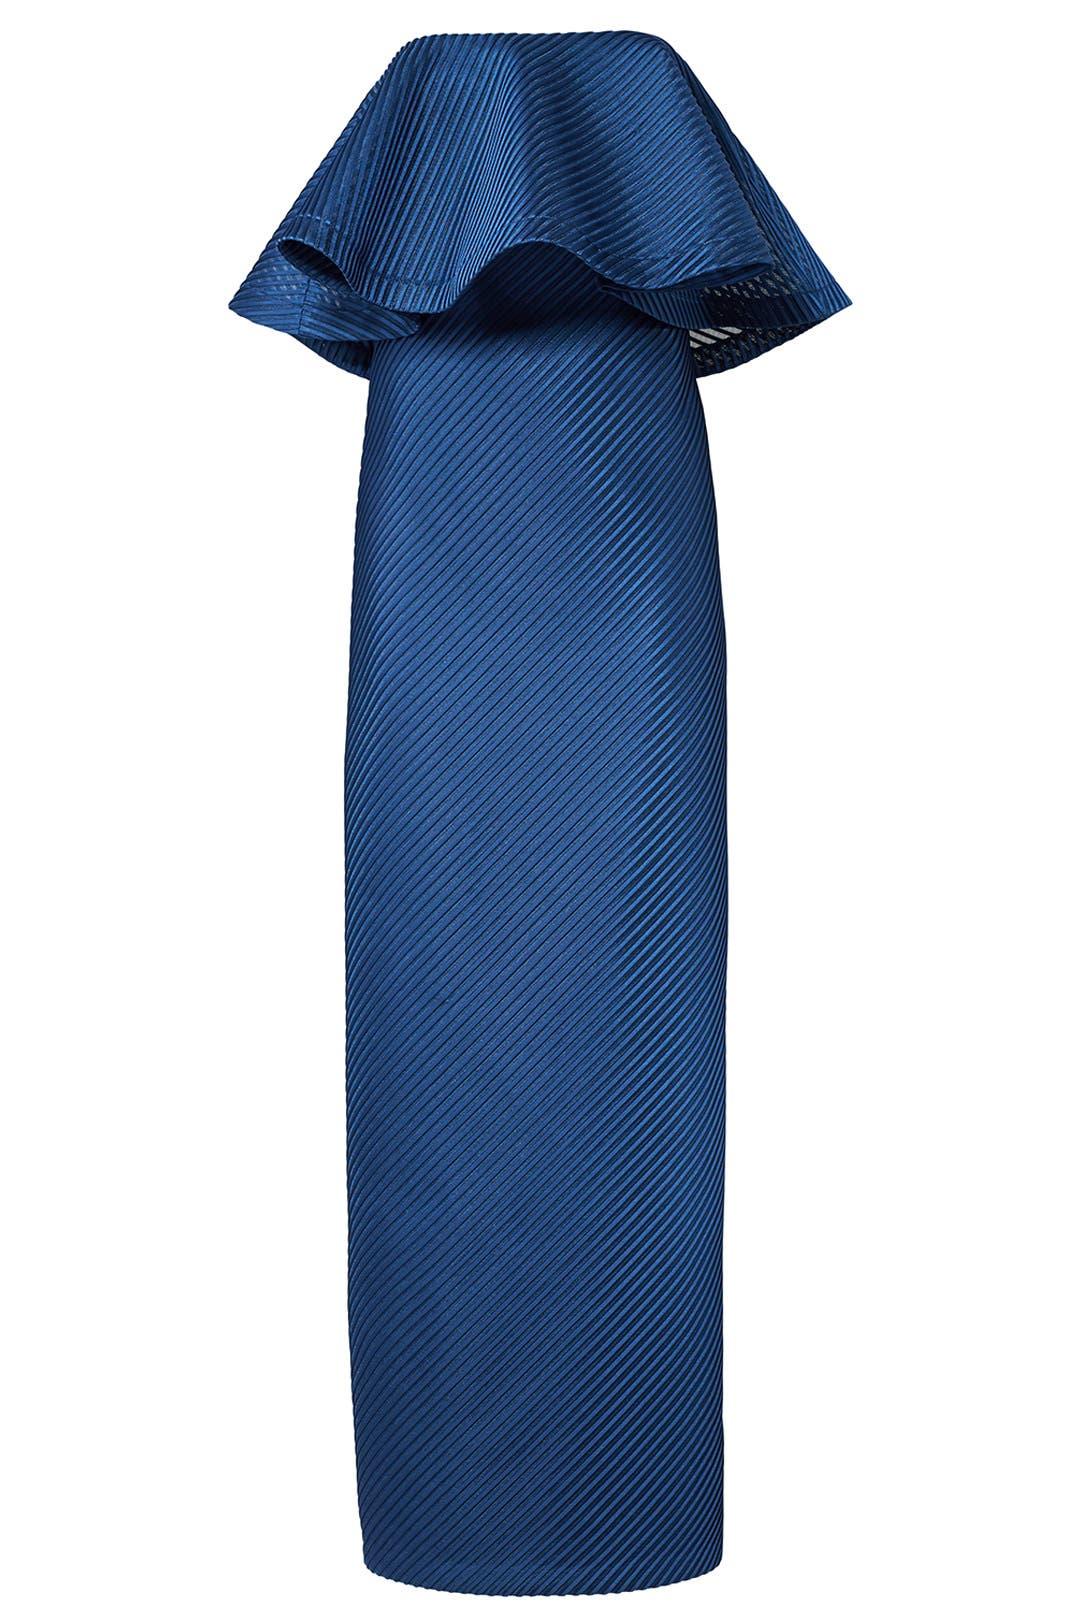 Halston Patrimoine Femme Bleu Taille Cobalt Maxi Robe En Crêpe De Découpe 8 Patrimoine Halston pNYac